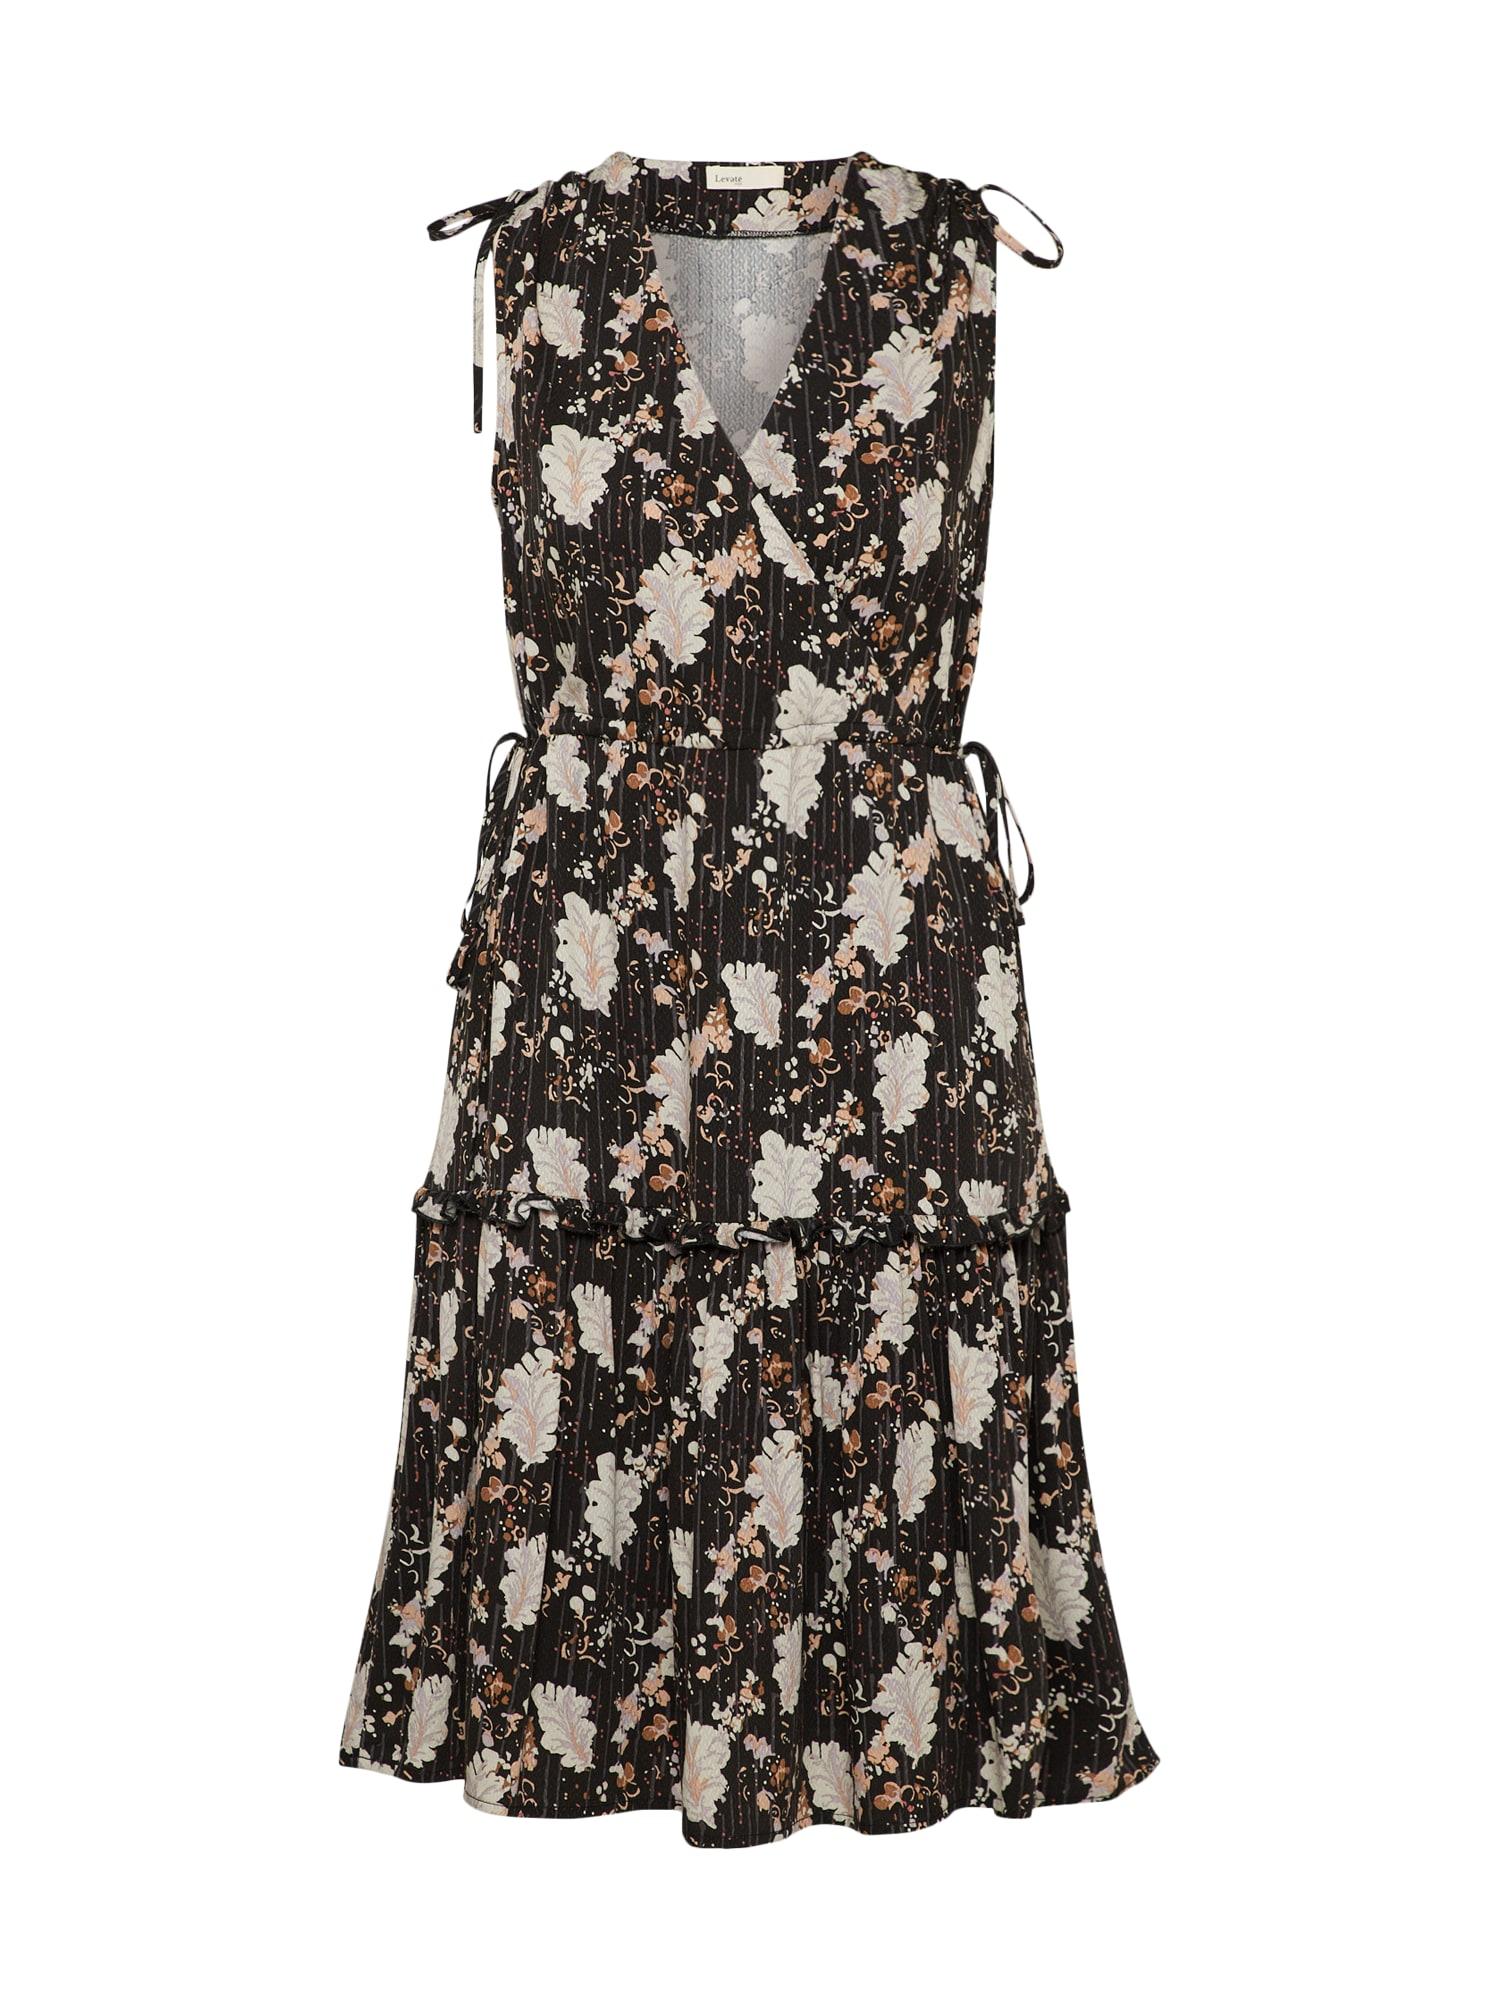 Letní šaty LR-BECKIE 1 krémová černá Levete Room